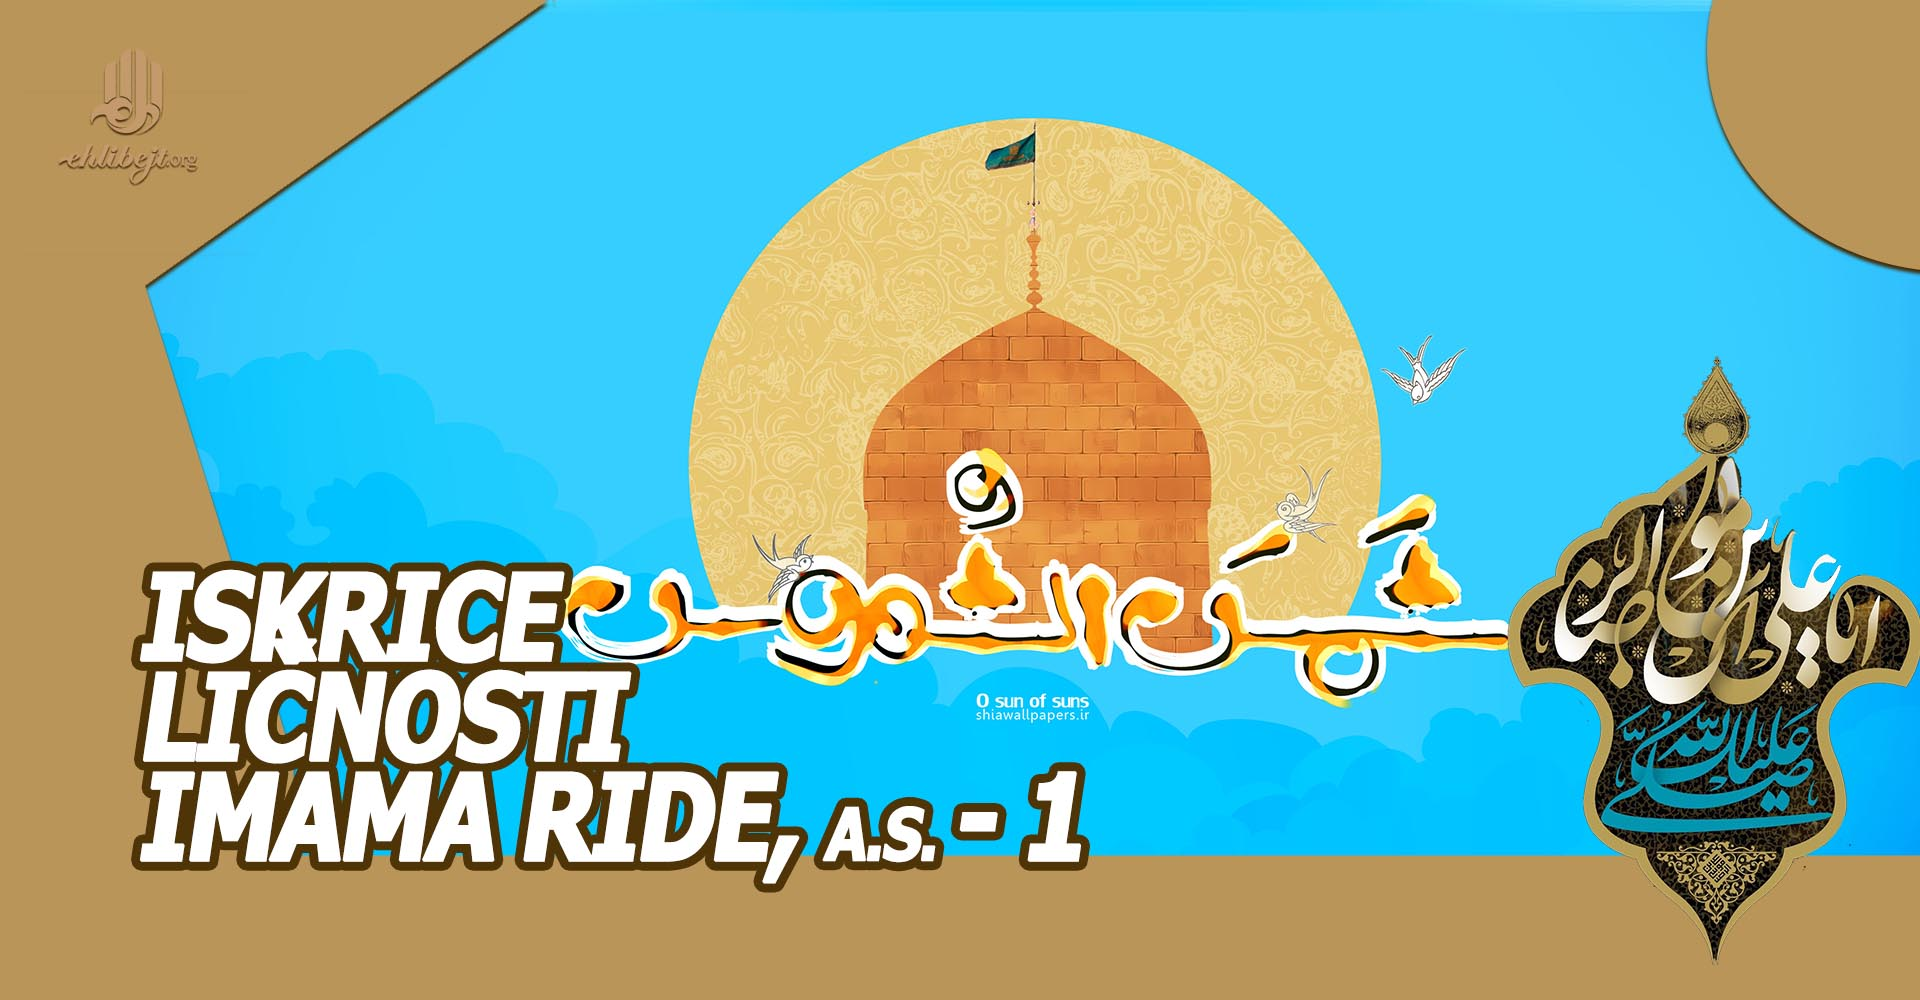 Iskrice ličnosti Imama Ride, a.s. - 1